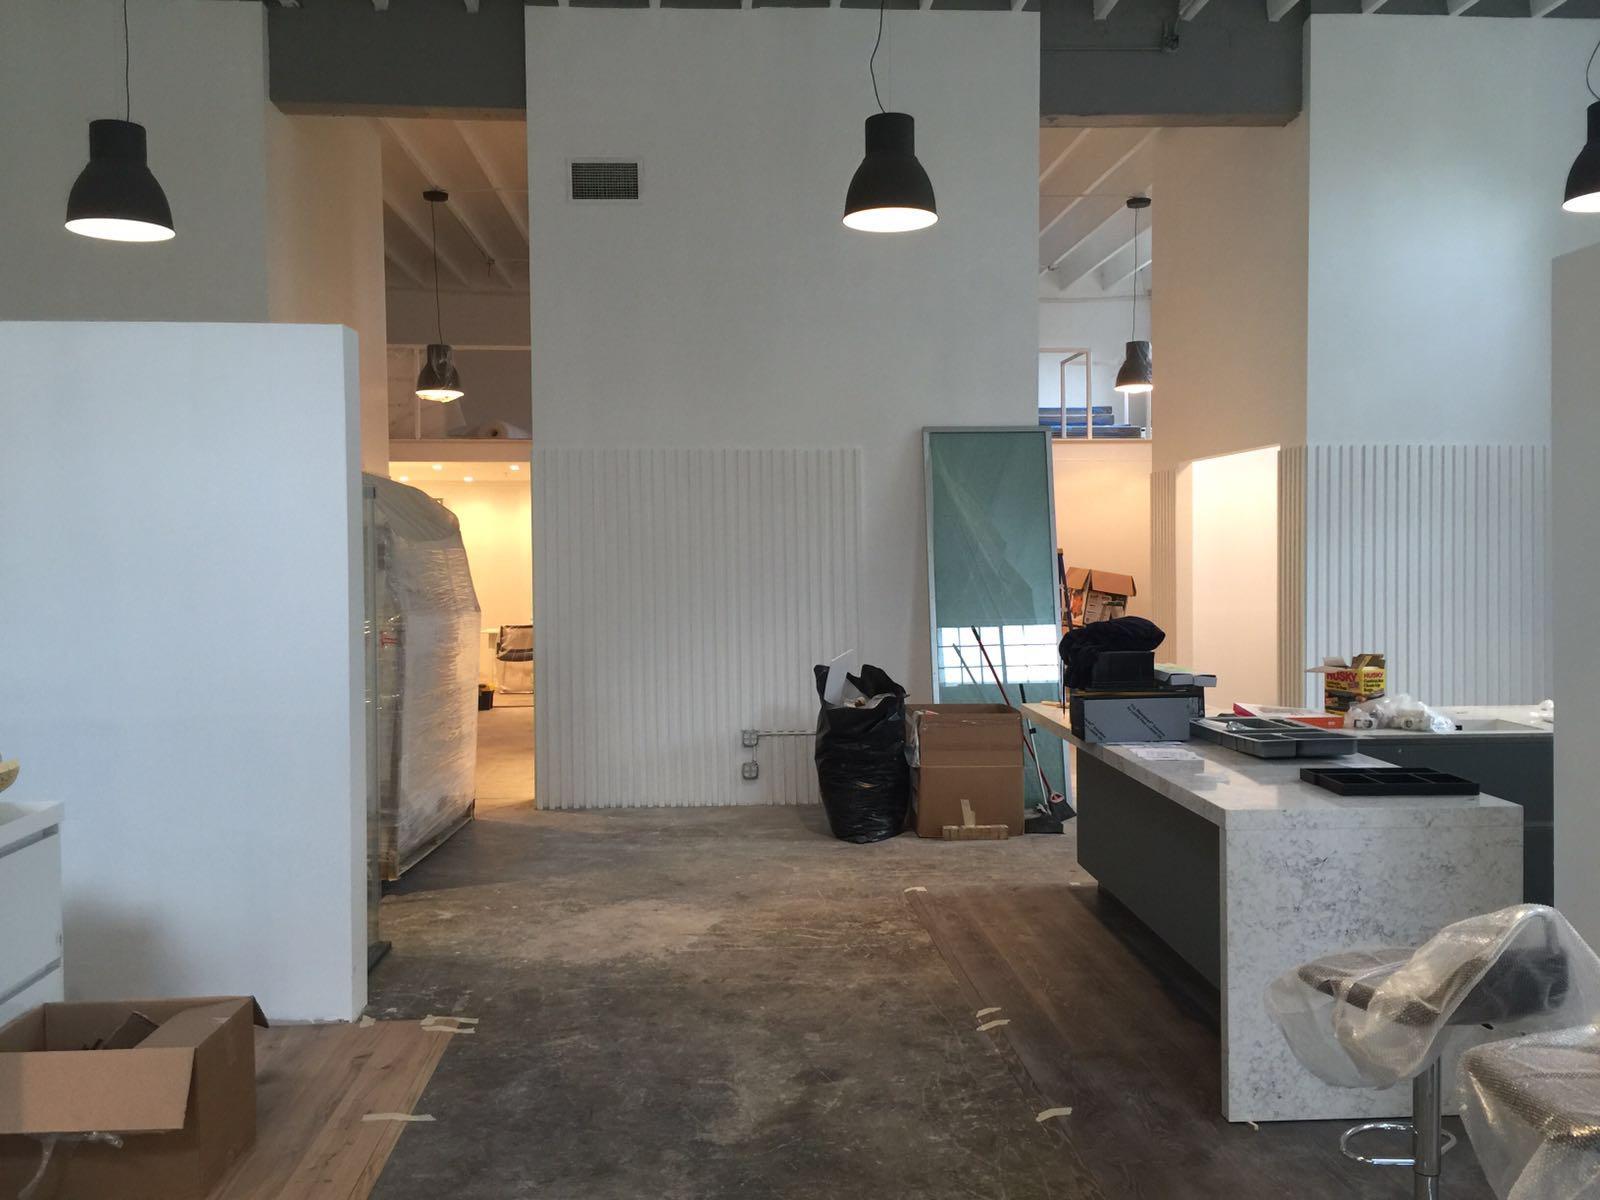 Arredo casa group llc nuovo showroom a miami gicinque for Arredo group